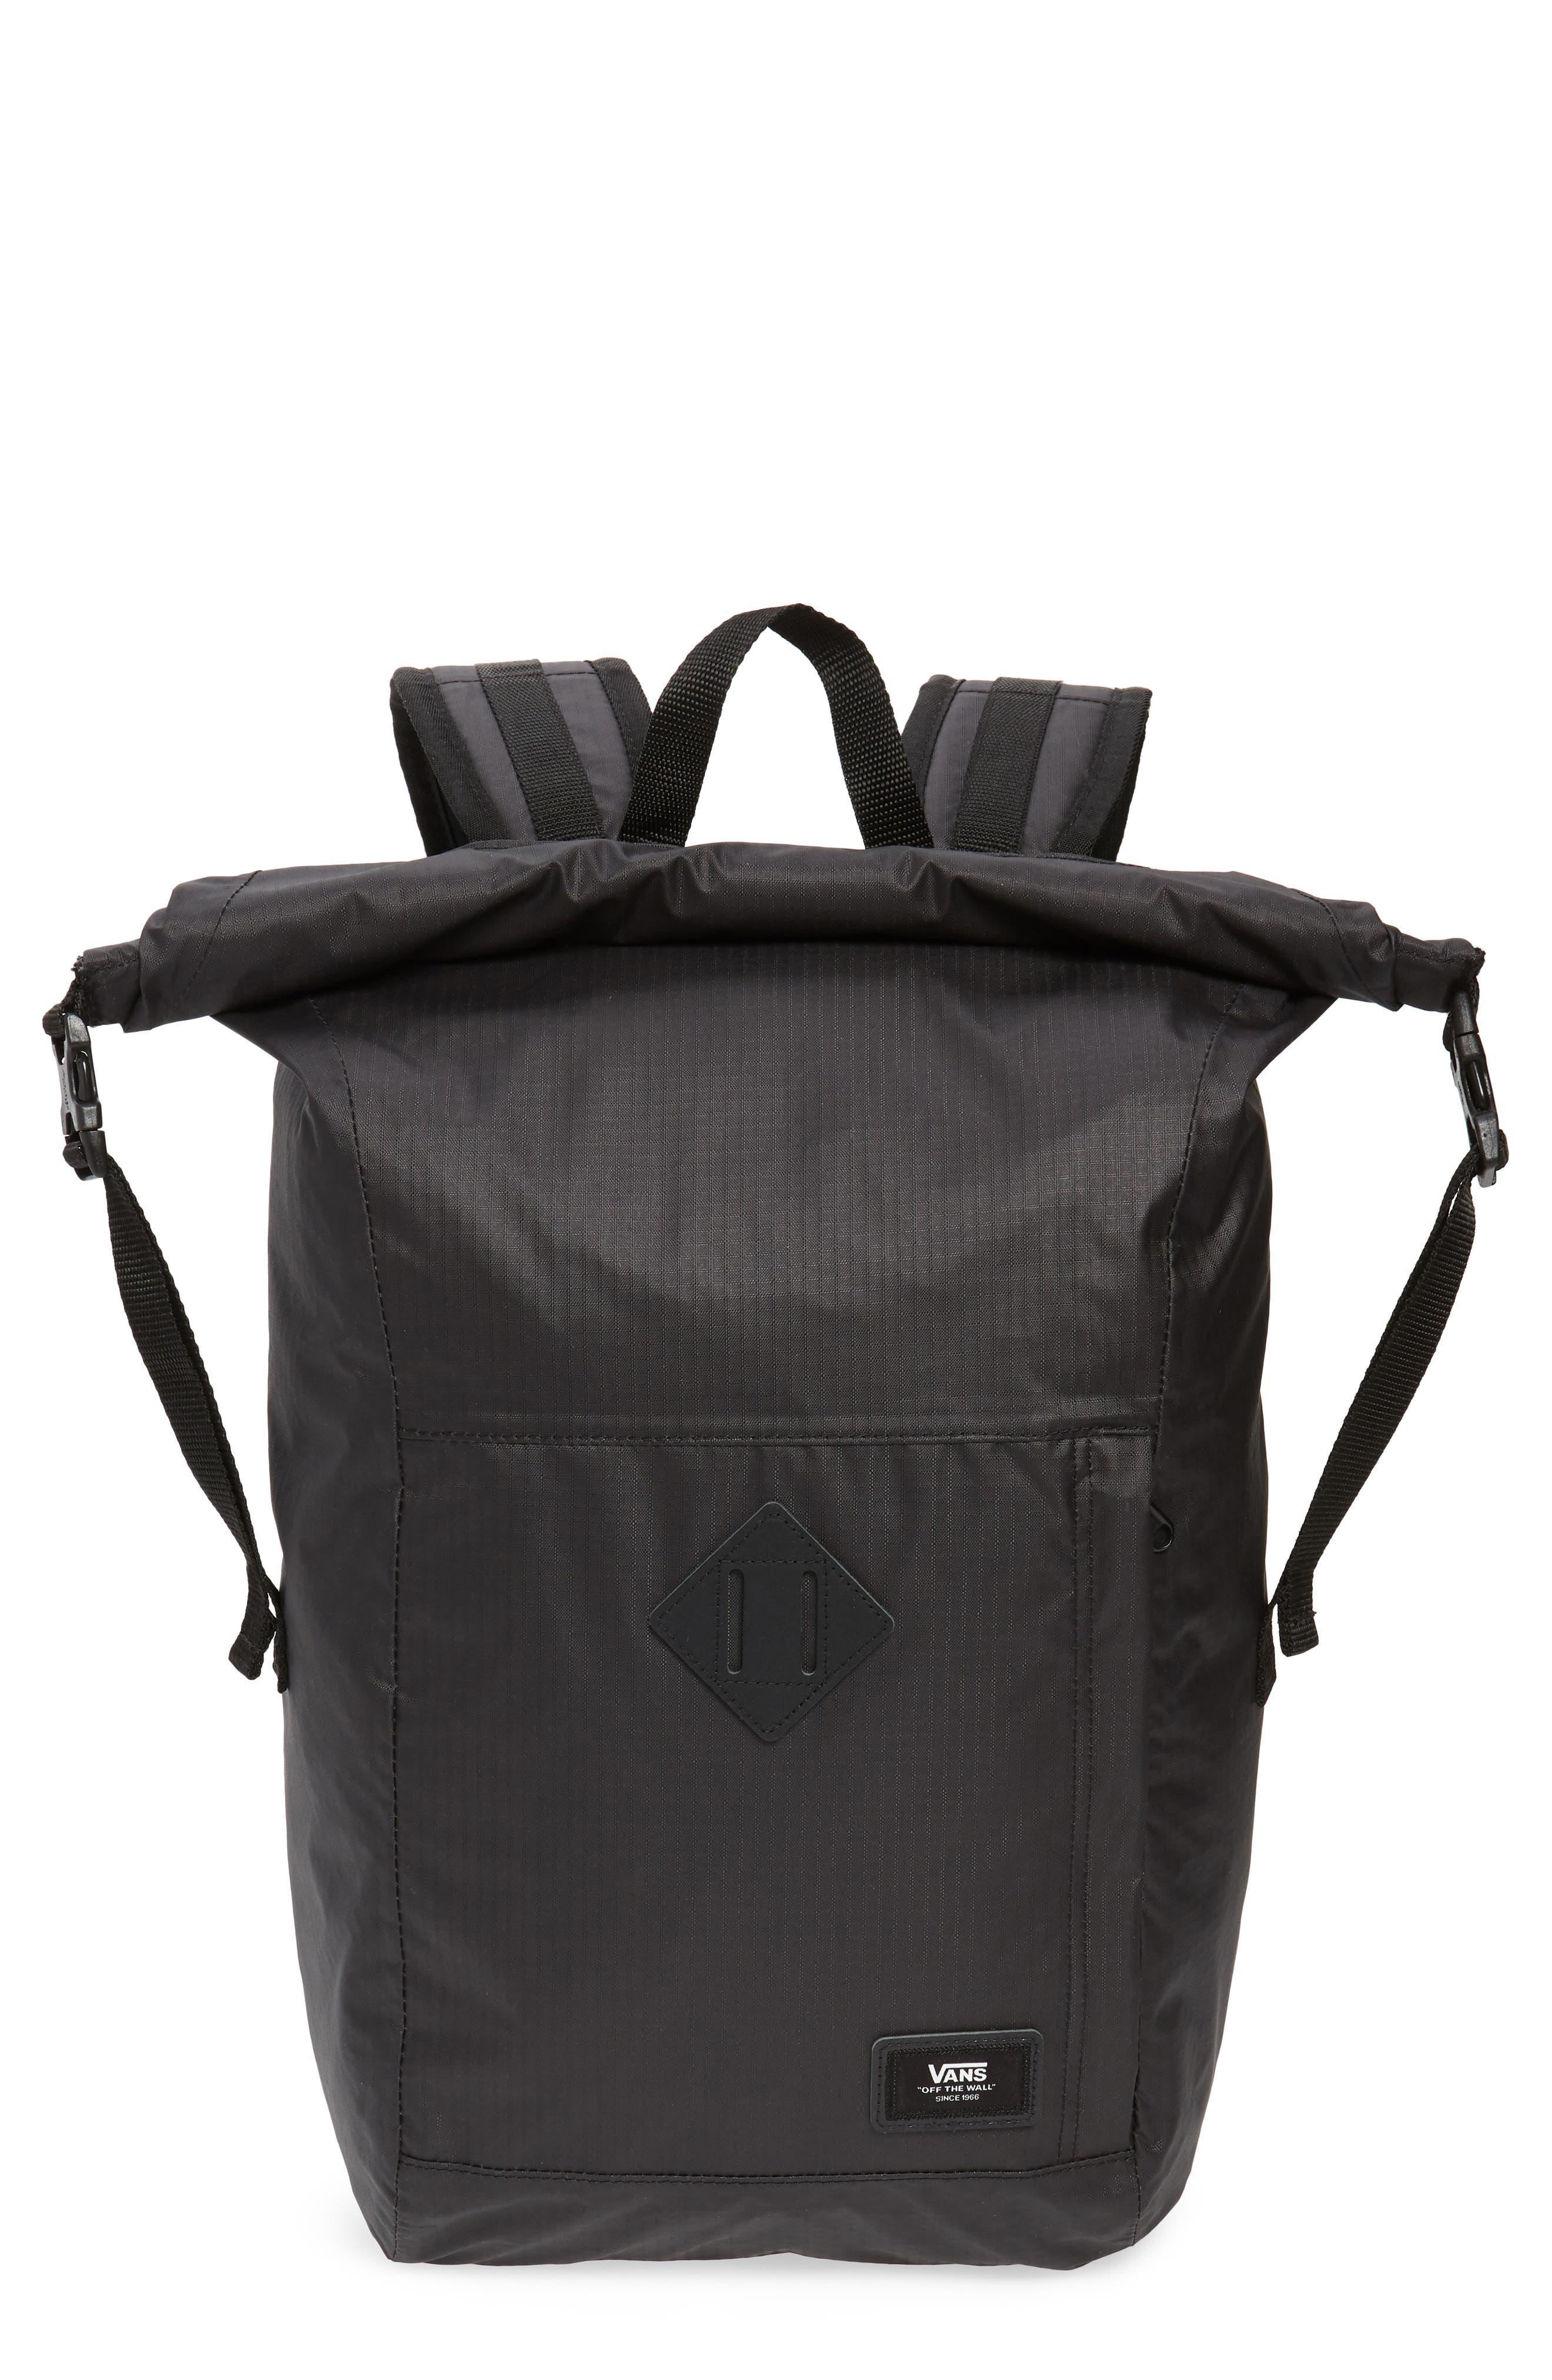 beaf9bf883 Men s Vans Bags   Backpacks